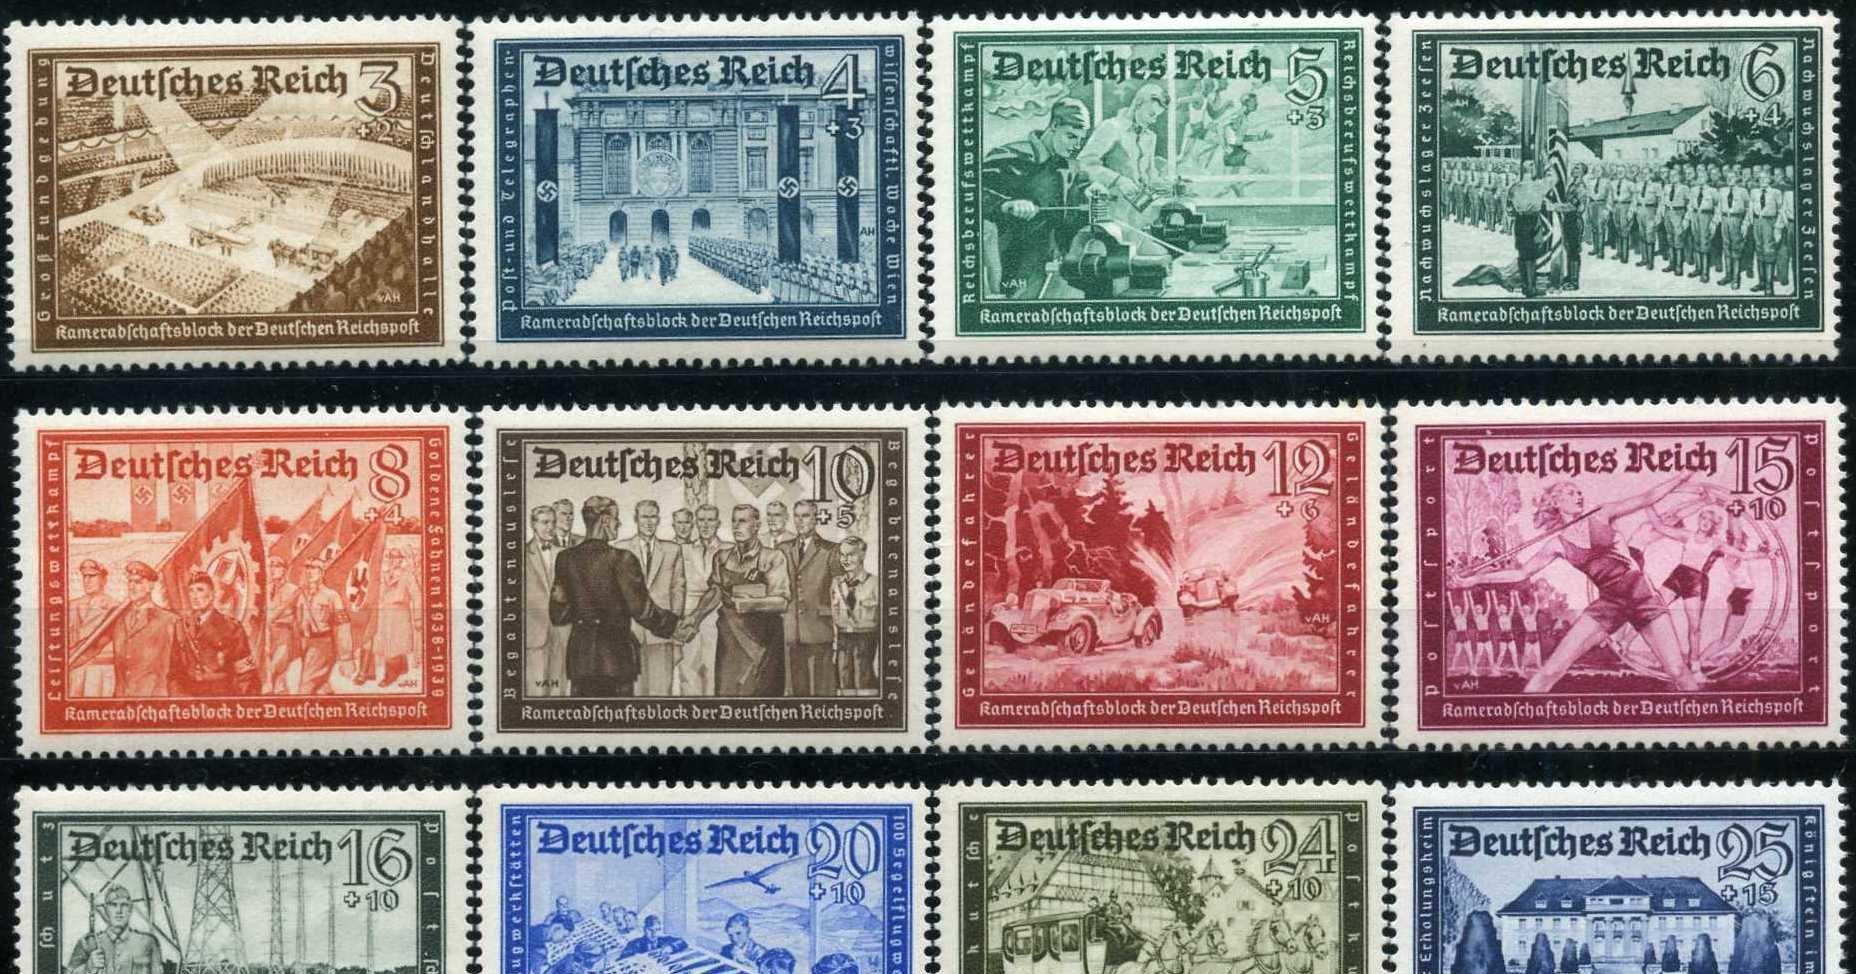 Cтражи писем: как появилась первая почтовая марка